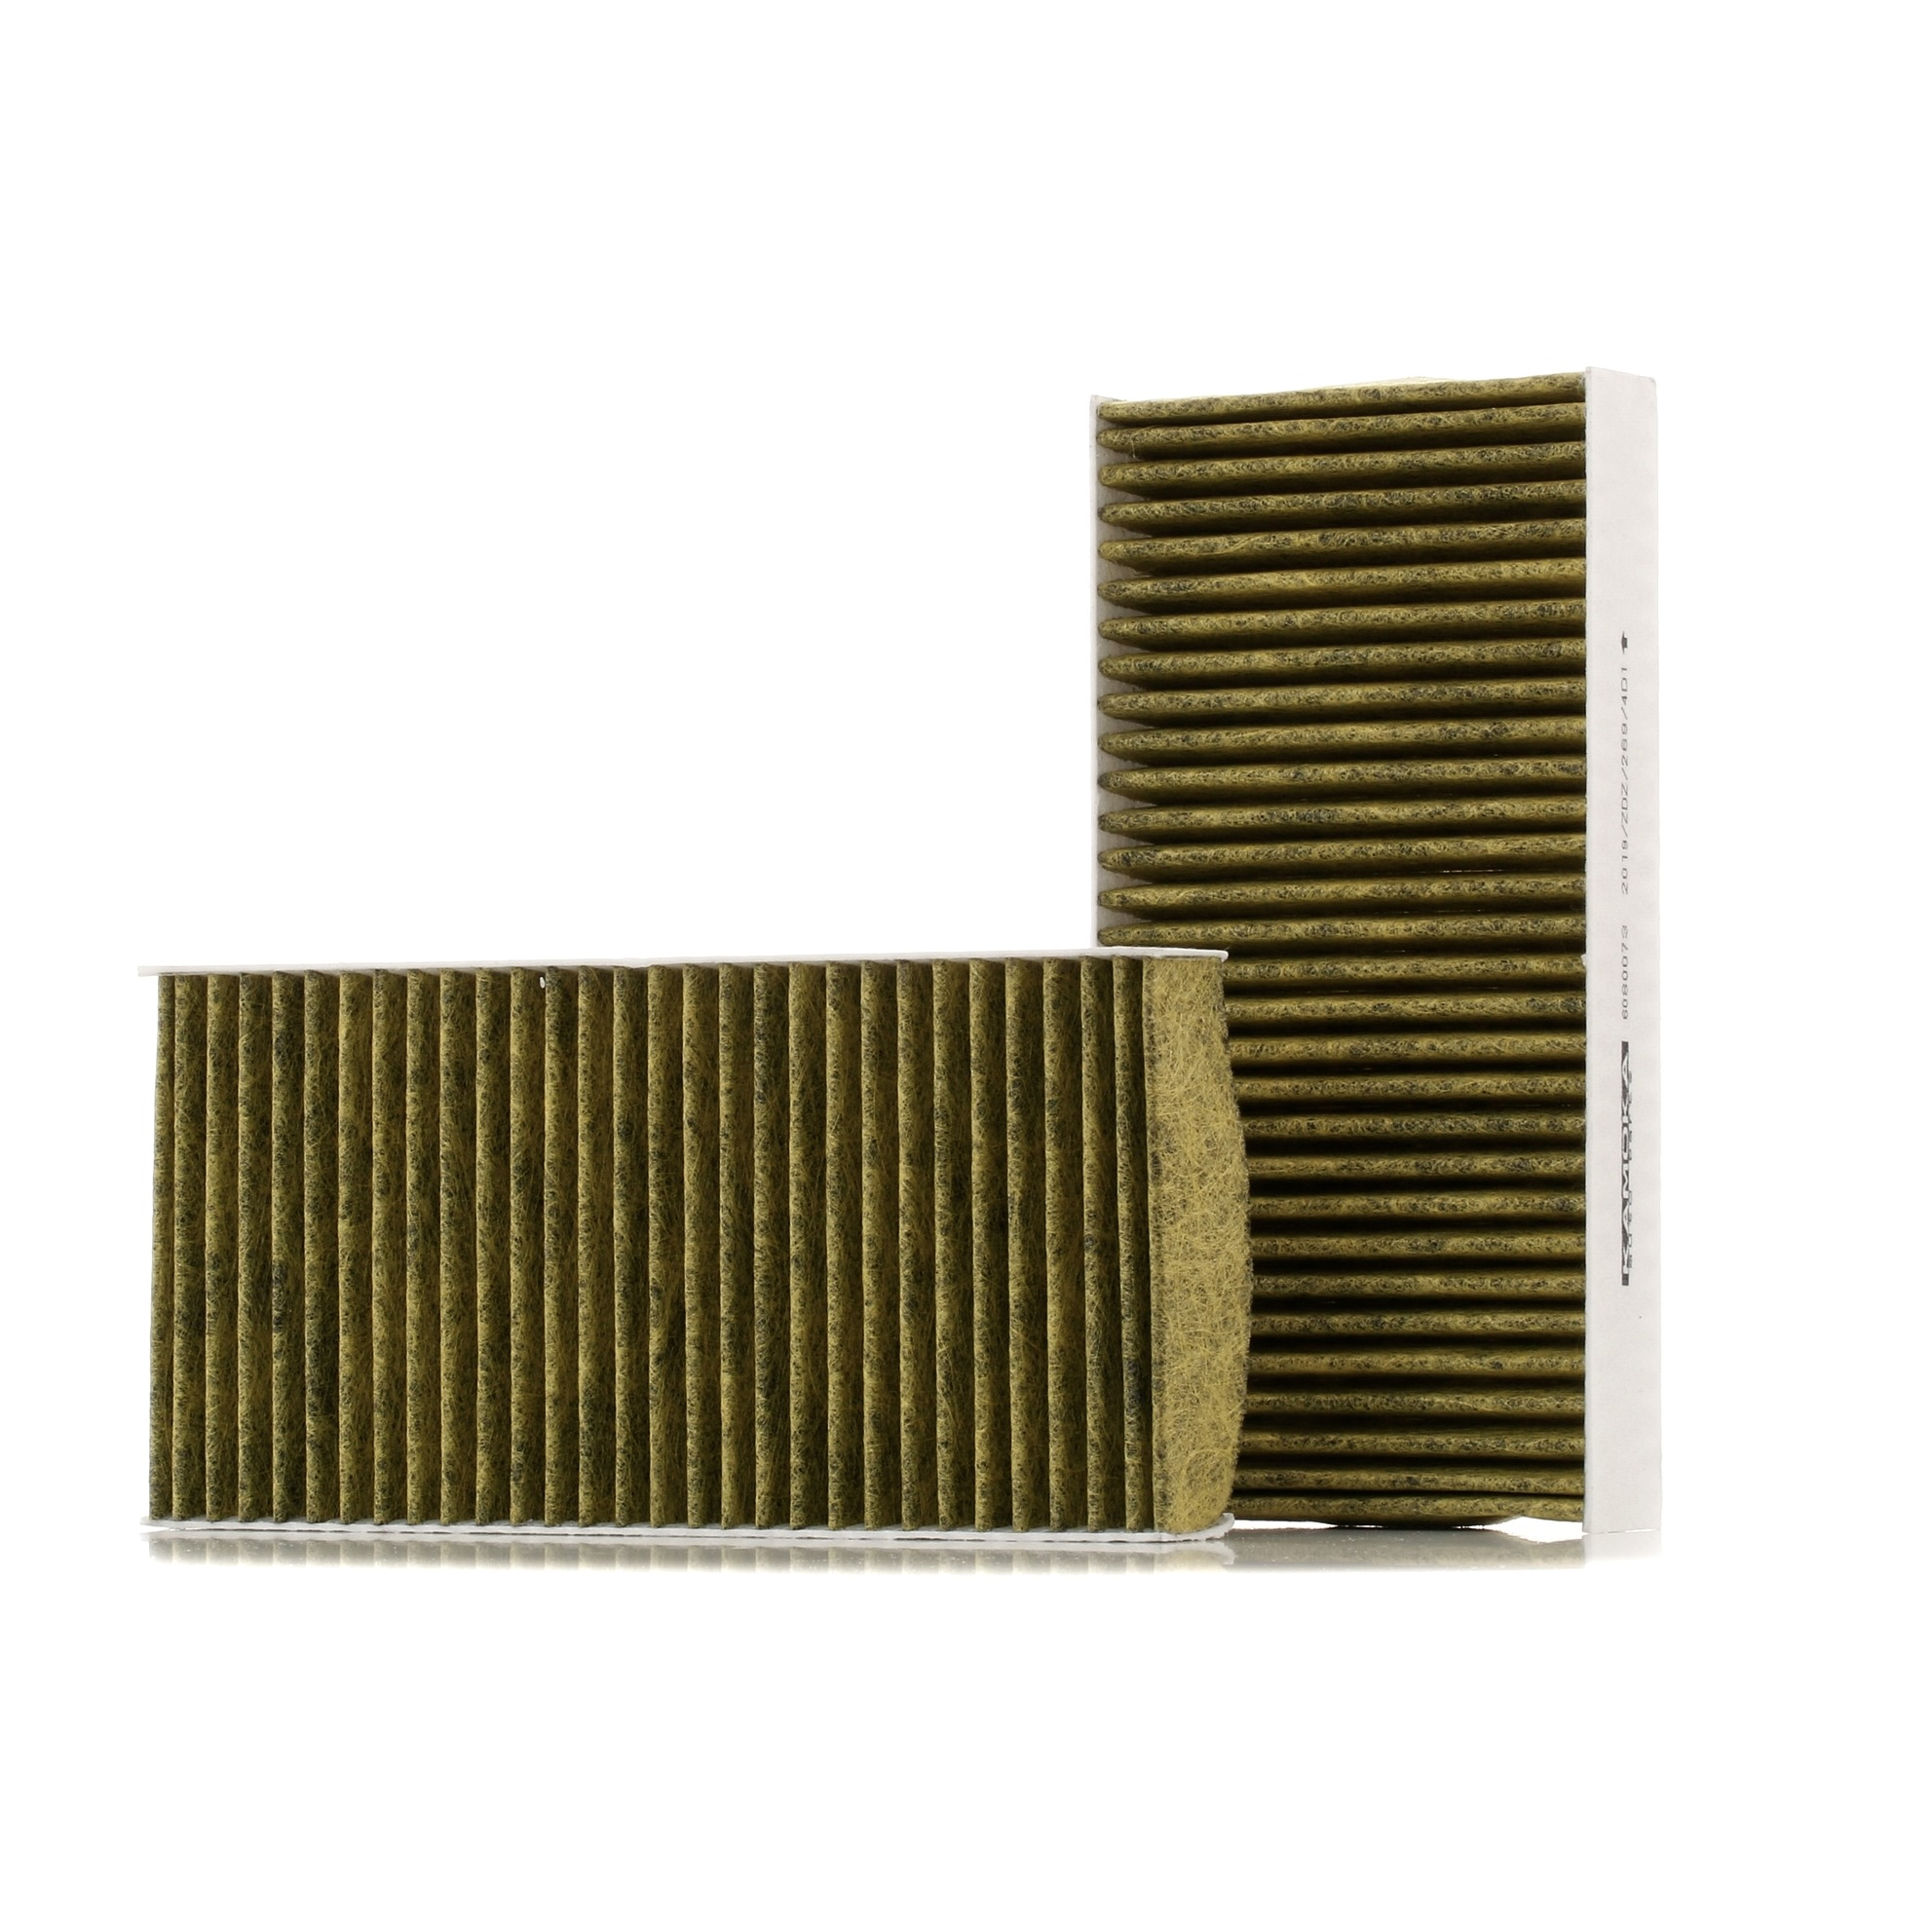 KAMOKA: Original Kfz-Klimatisierung 6080073 (Breite: 115mm, Höhe: 33mm, Länge: 233mm)